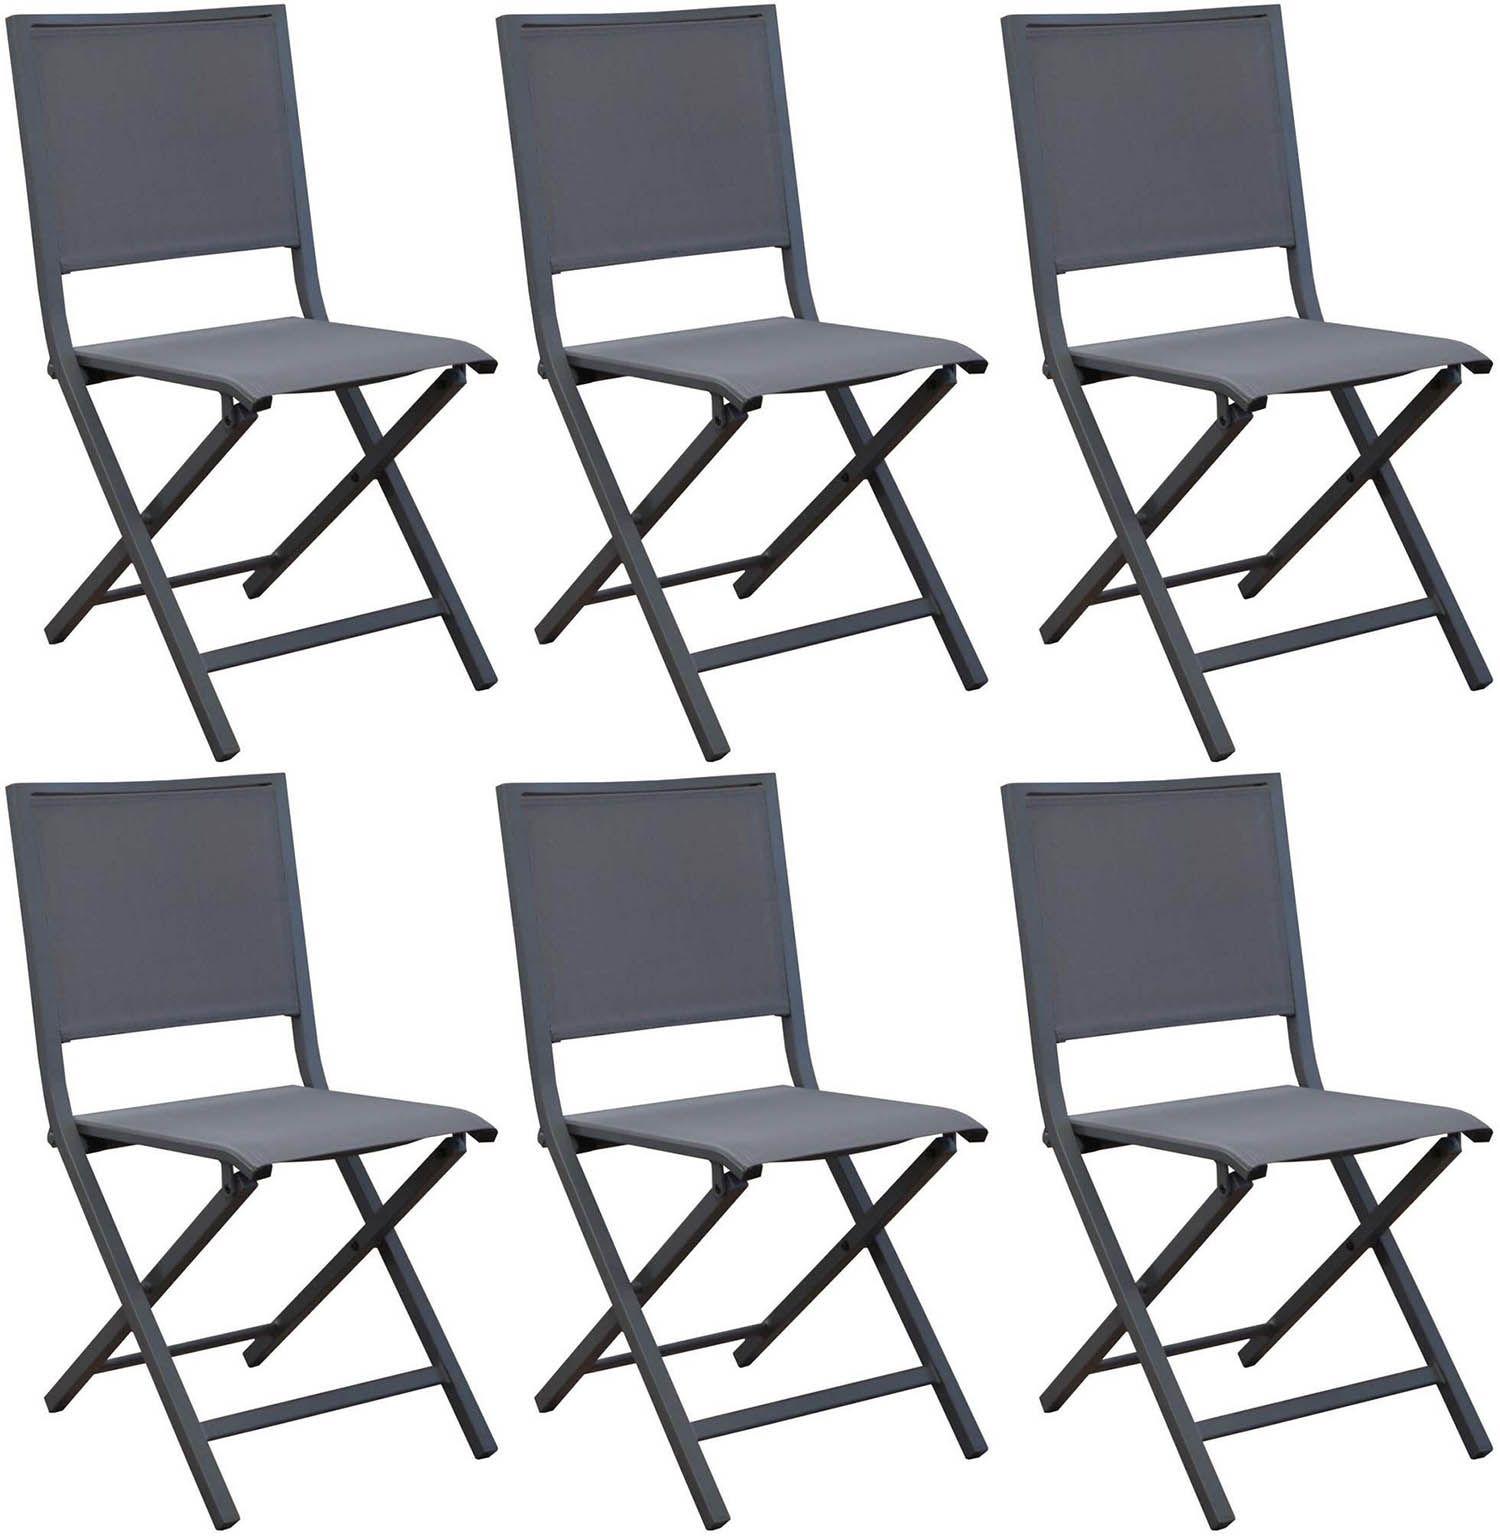 chaise pliante en aluminium florence lot de 6 gris. Black Bedroom Furniture Sets. Home Design Ideas